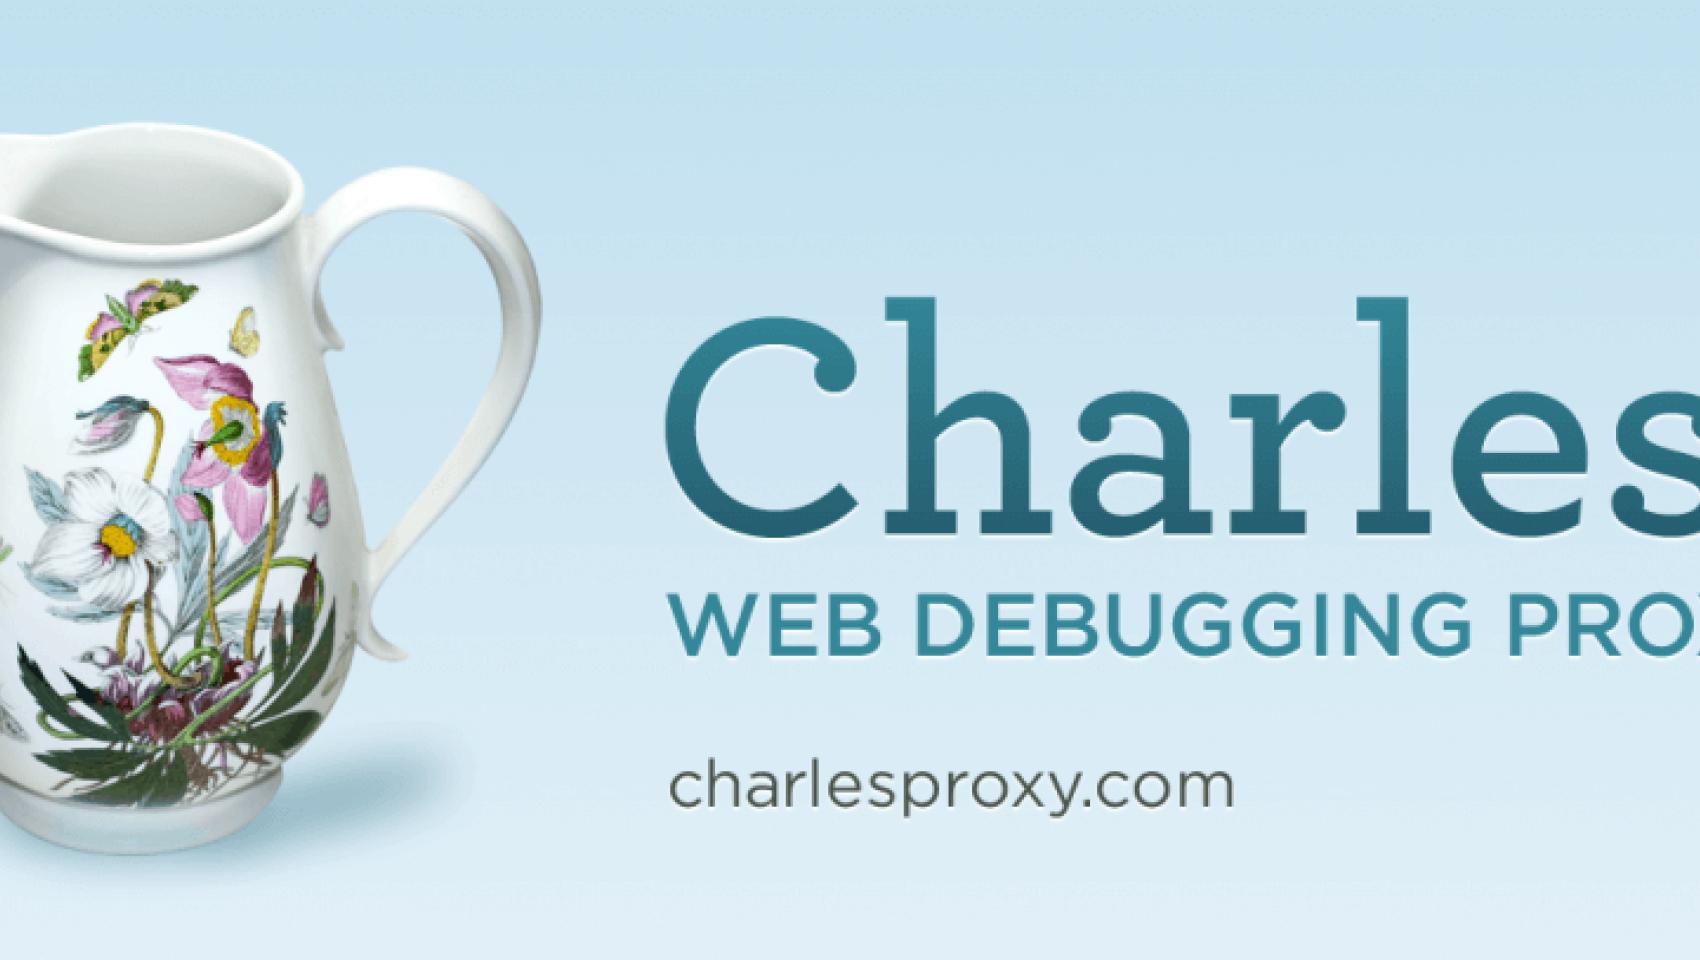 Дебаггинг клиент-серверных приложений на примере Charles: как с ним работать